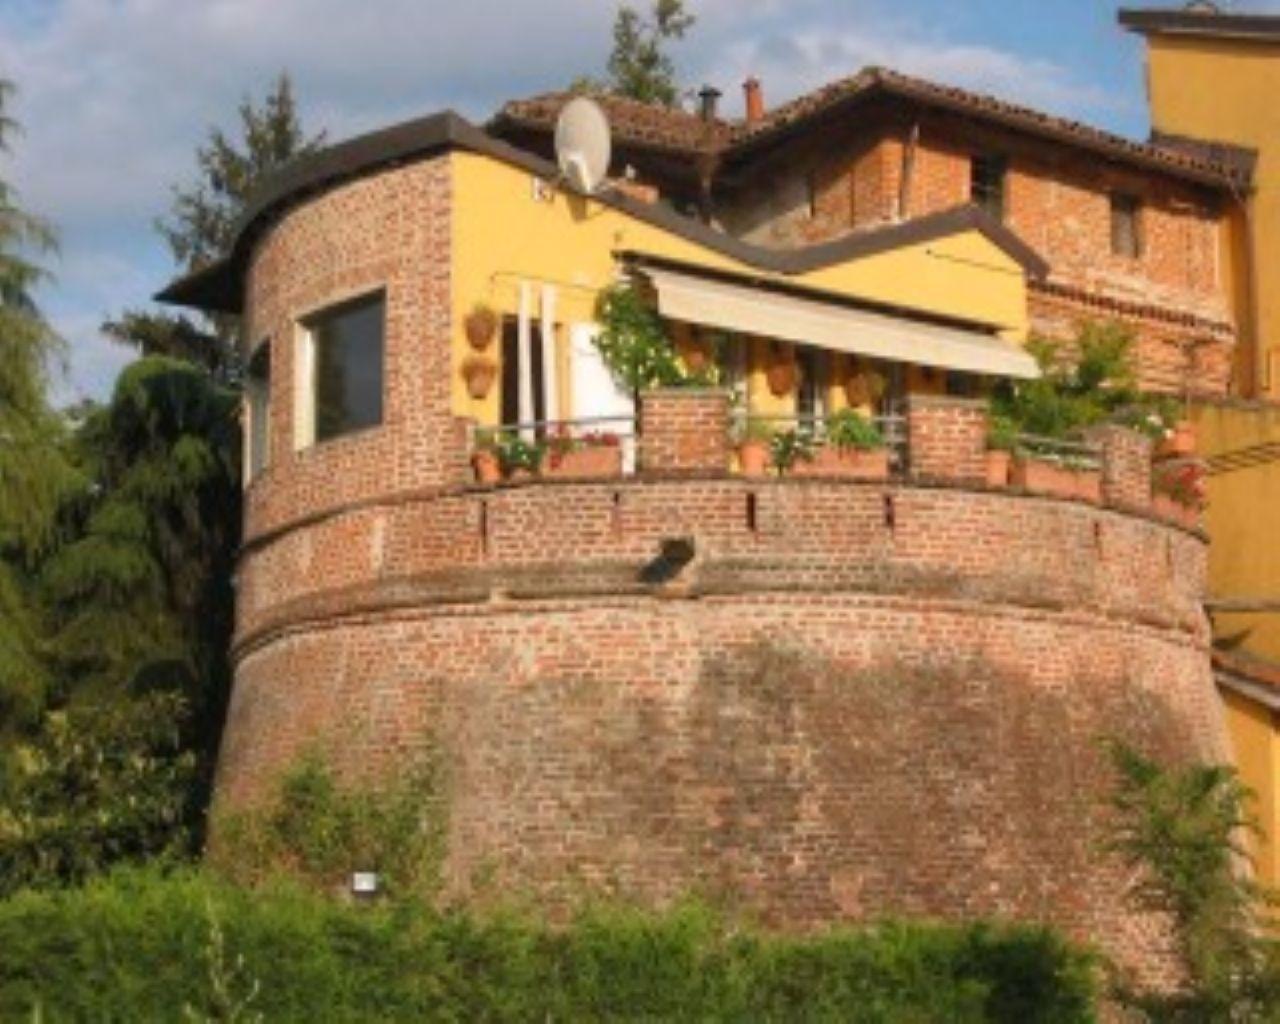 Appartamento in vendita a Chignolo Po, 2 locali, Trattative riservate | CambioCasa.it